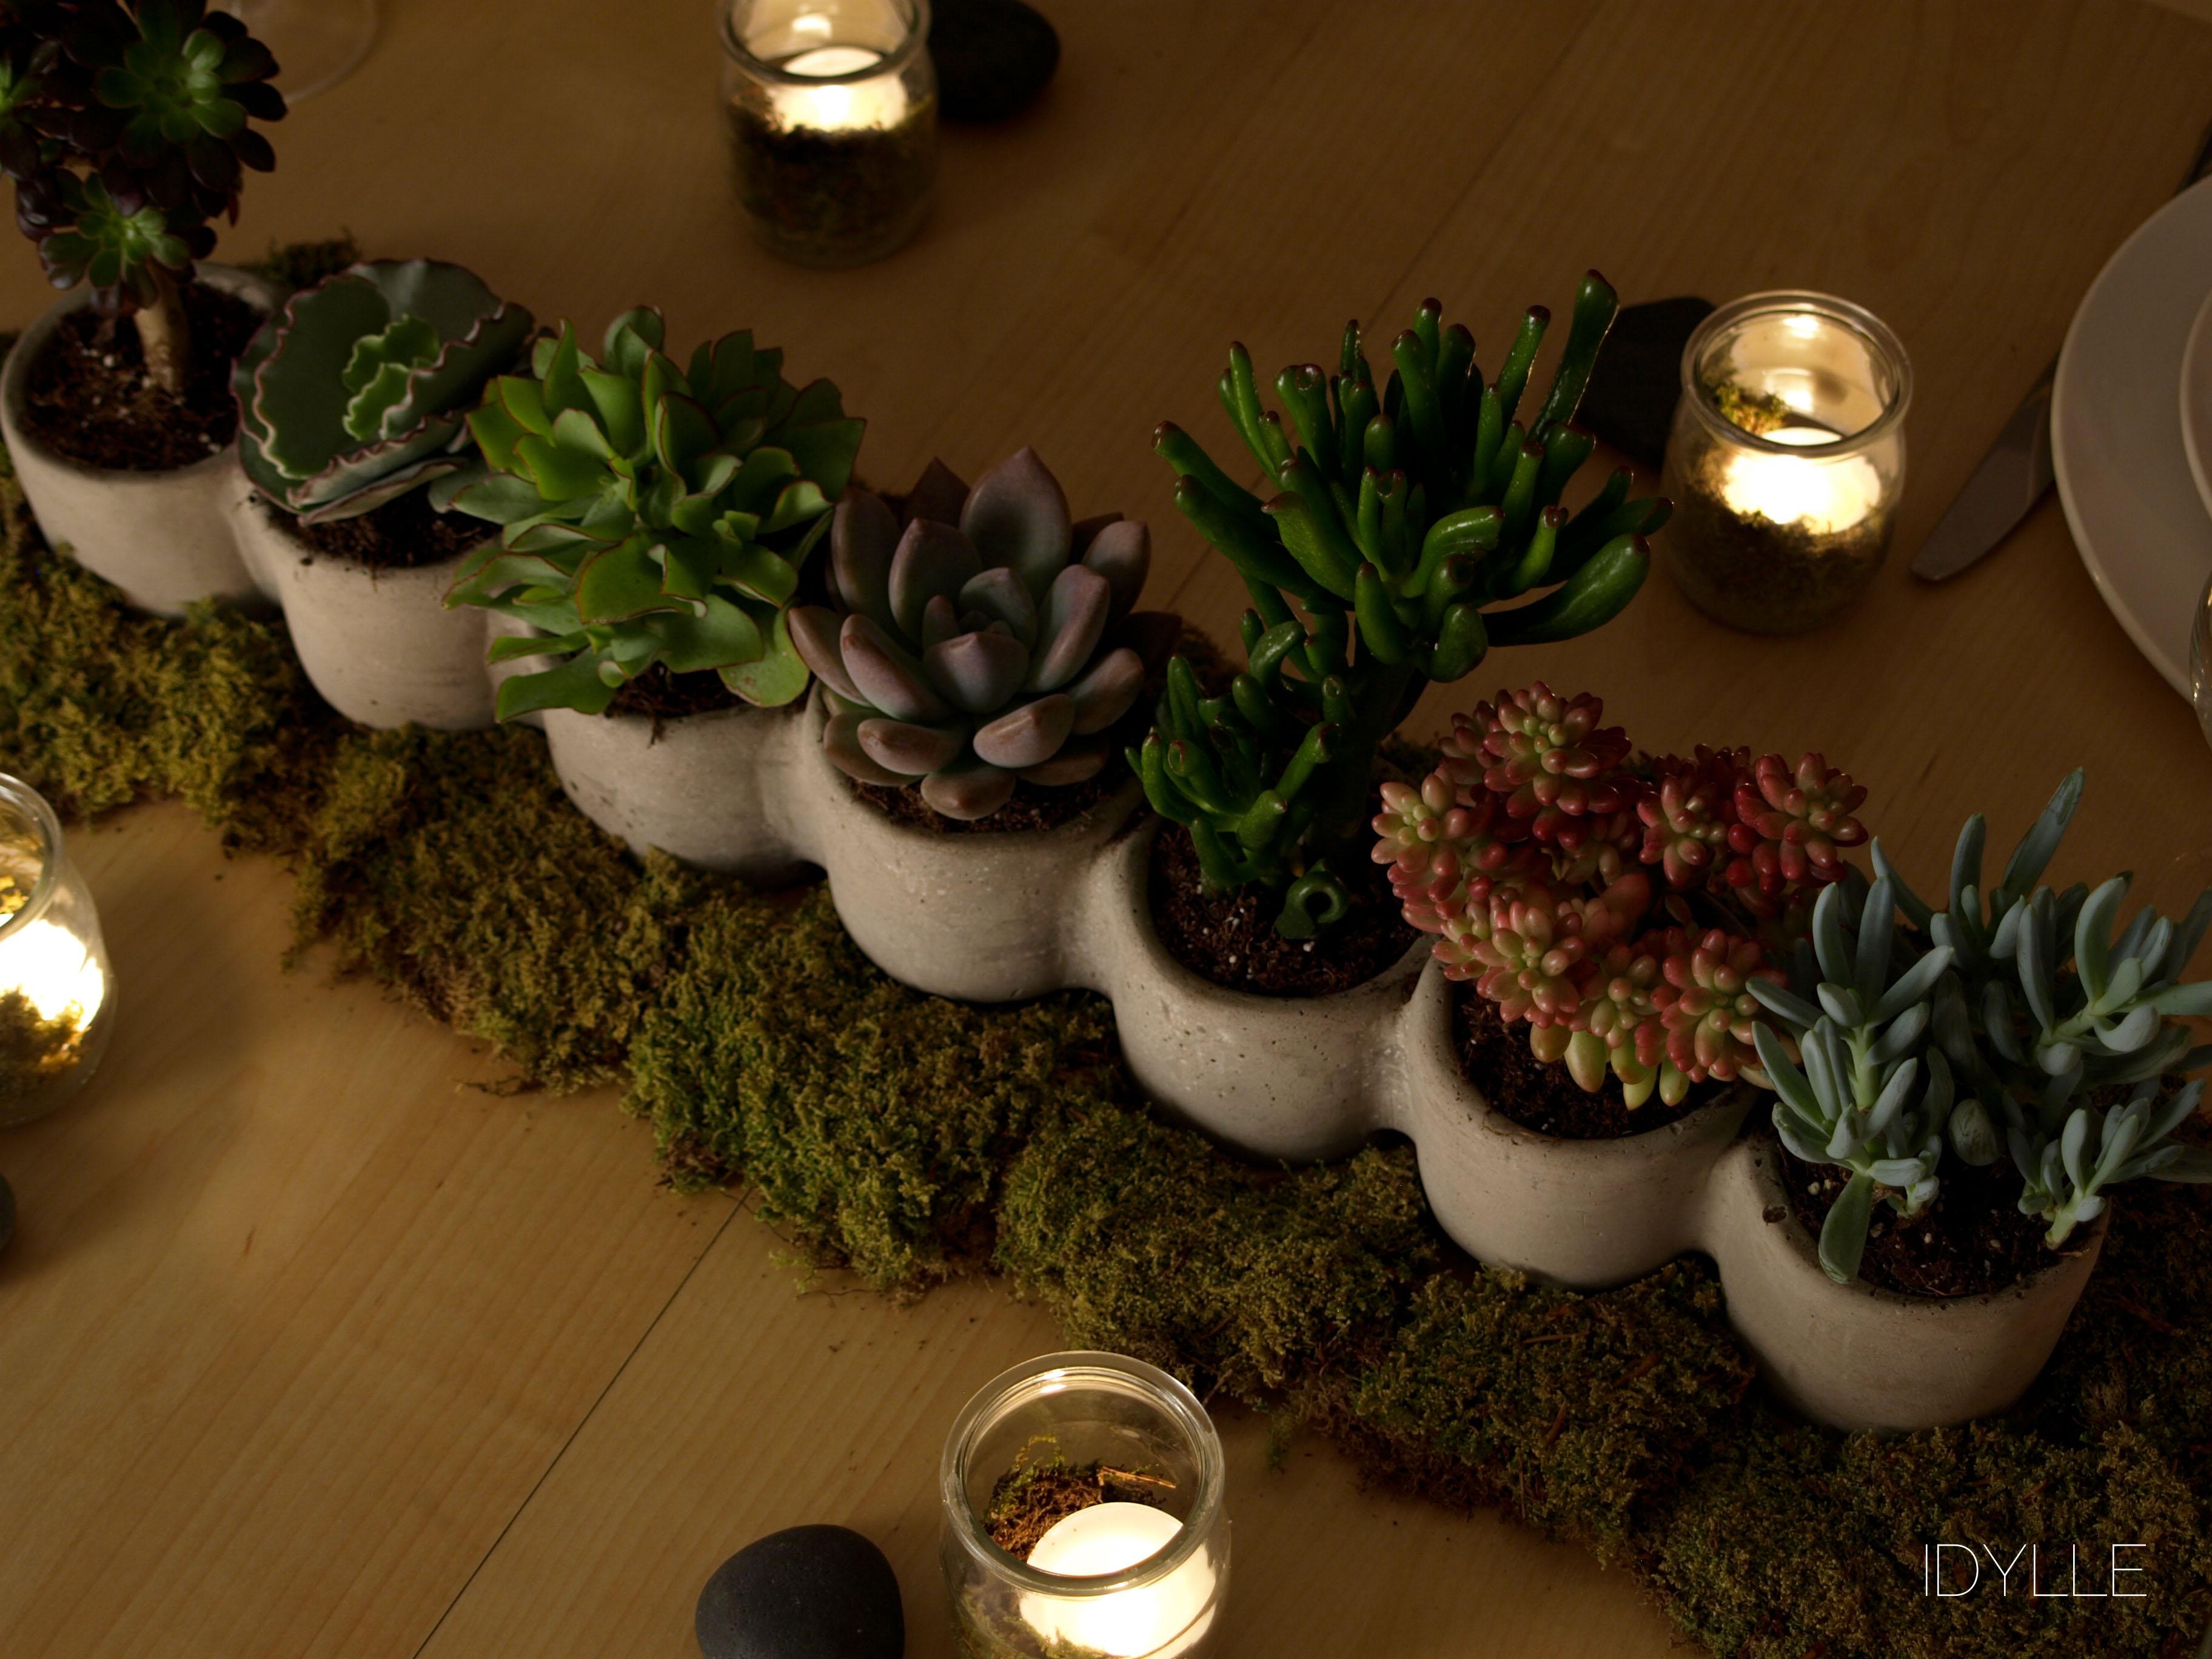 Plante grasse idylle fleuriste - Plante grasse succulente ...